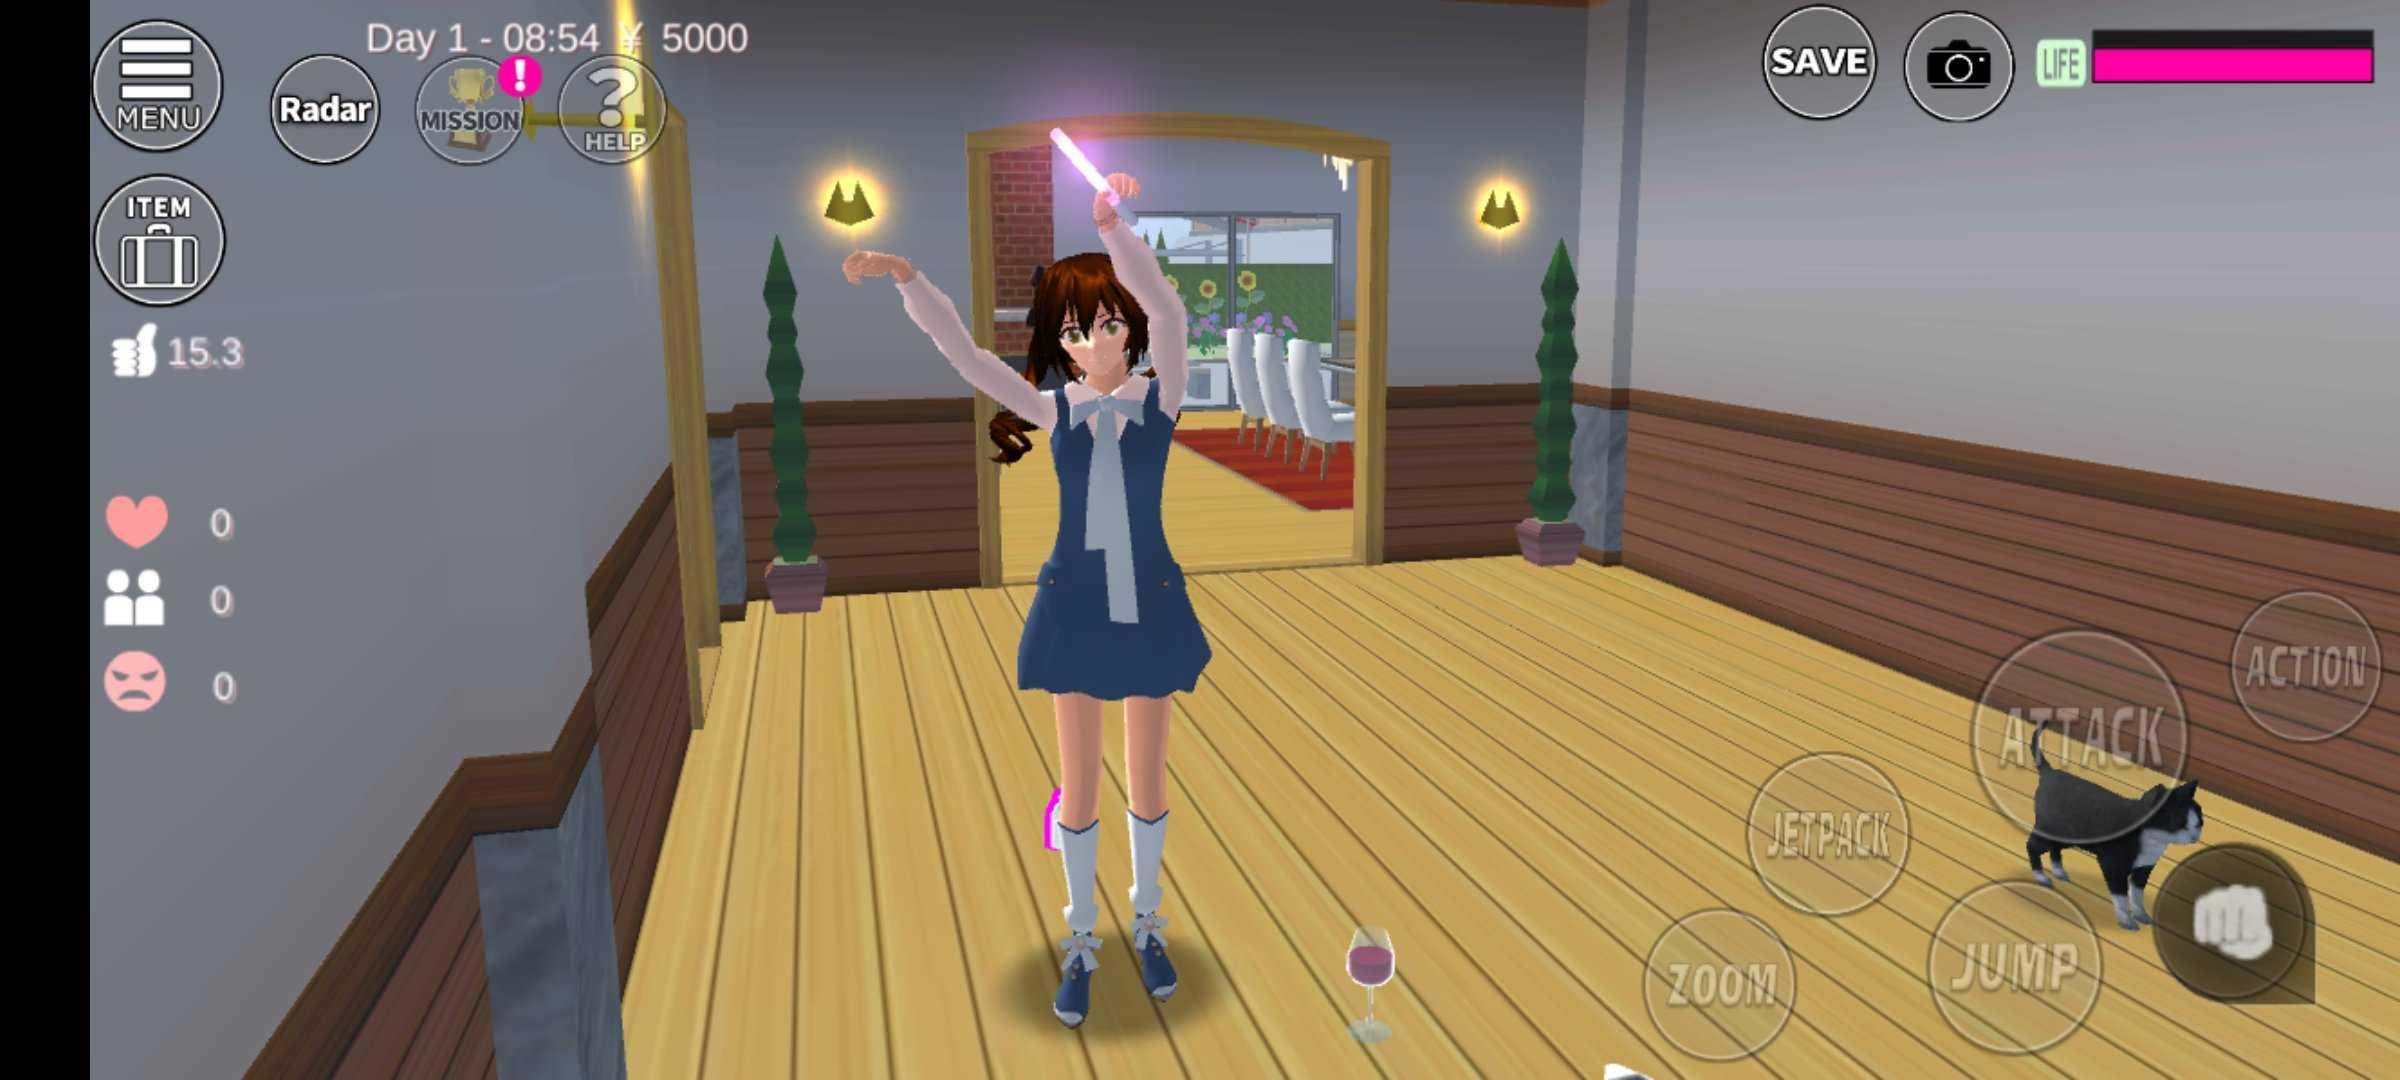 樱花校园模拟器1.038.57版本